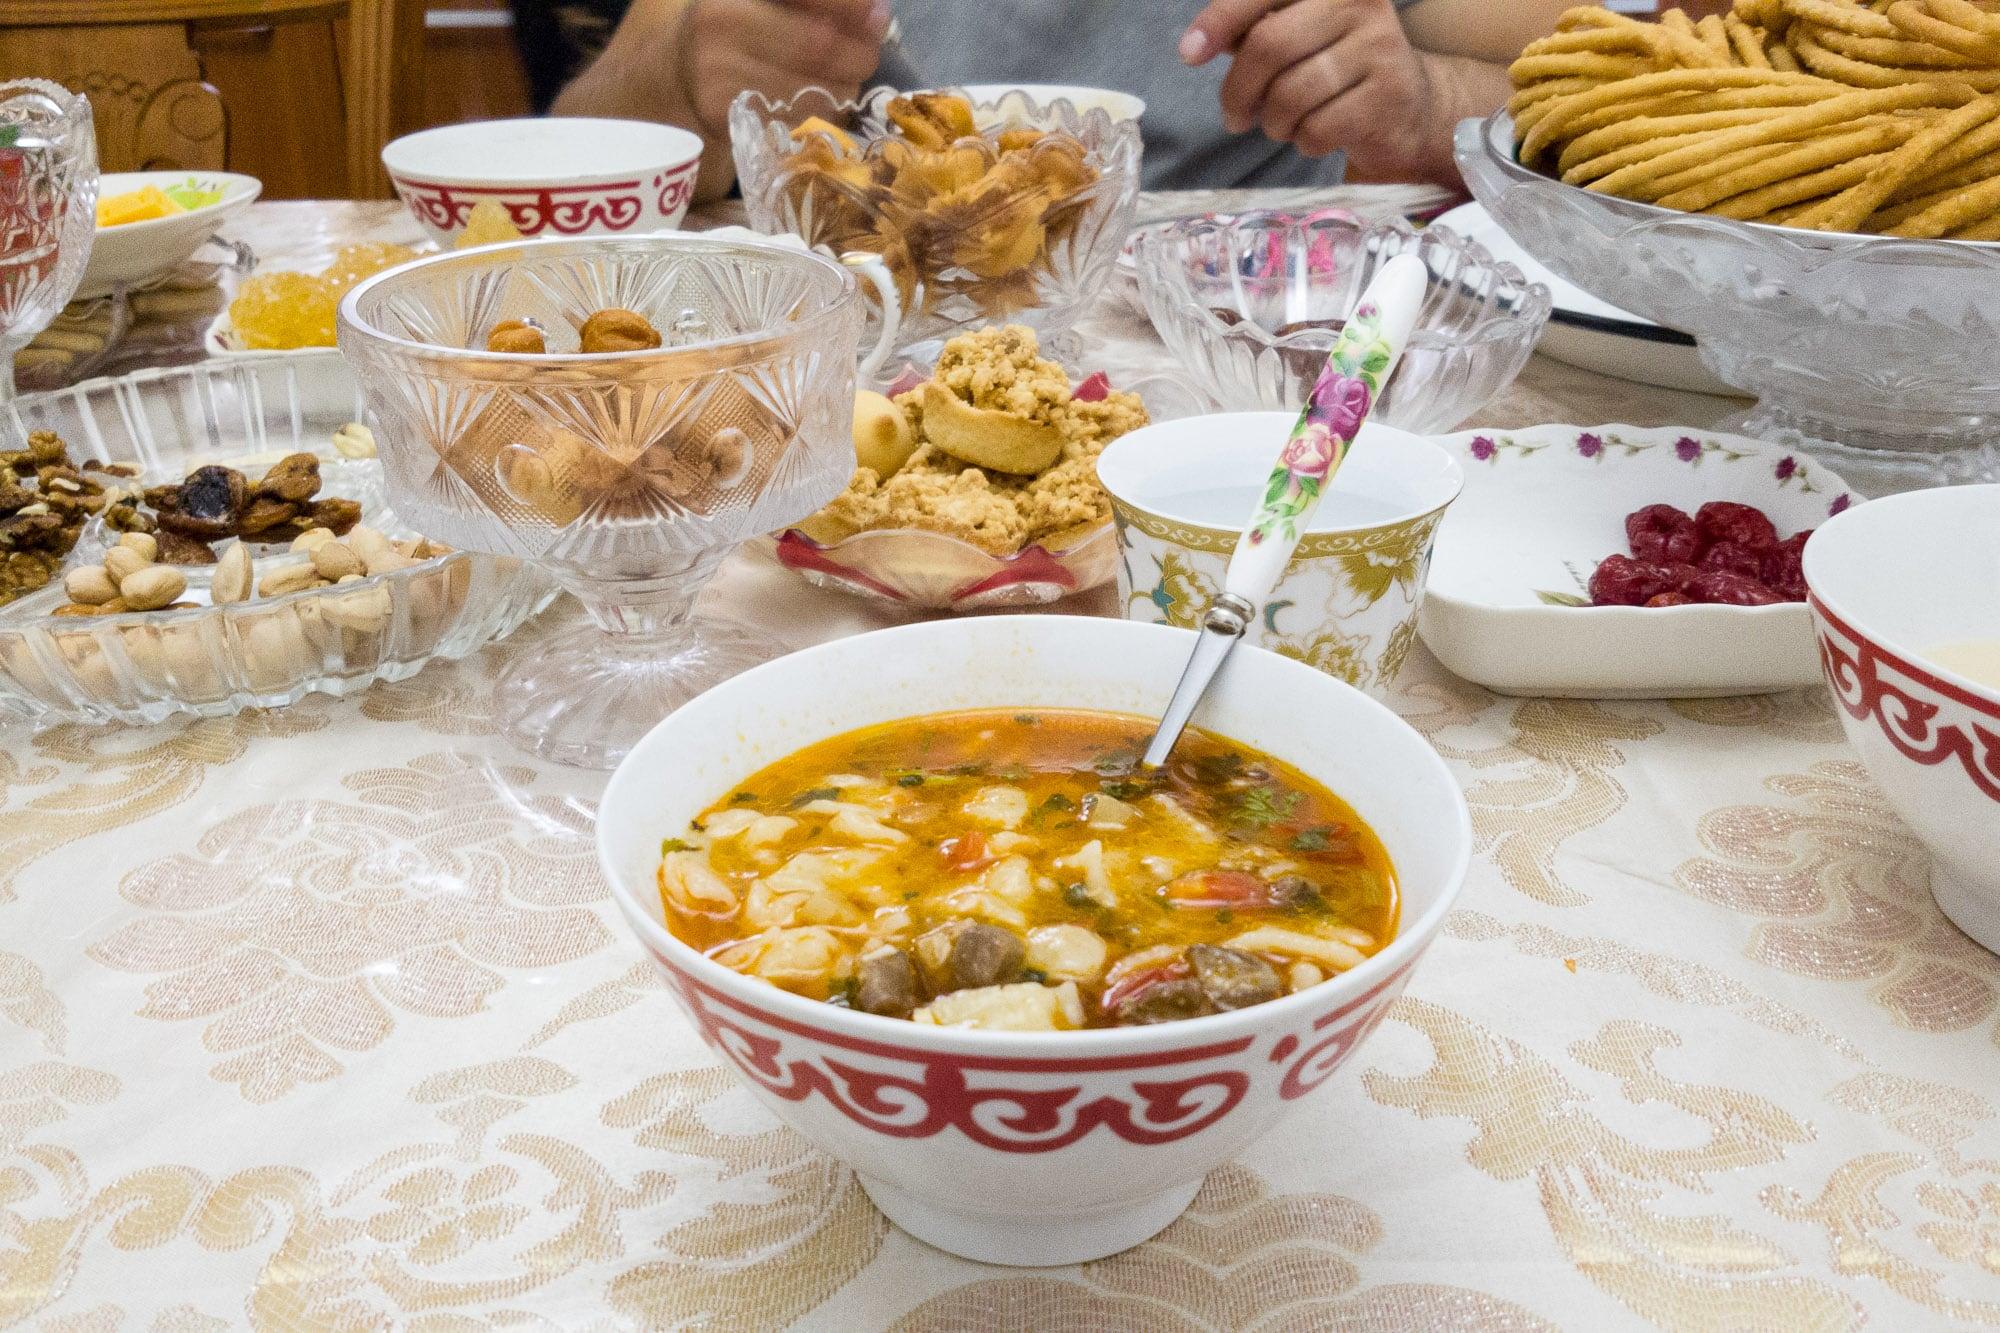 Kazakh dinner